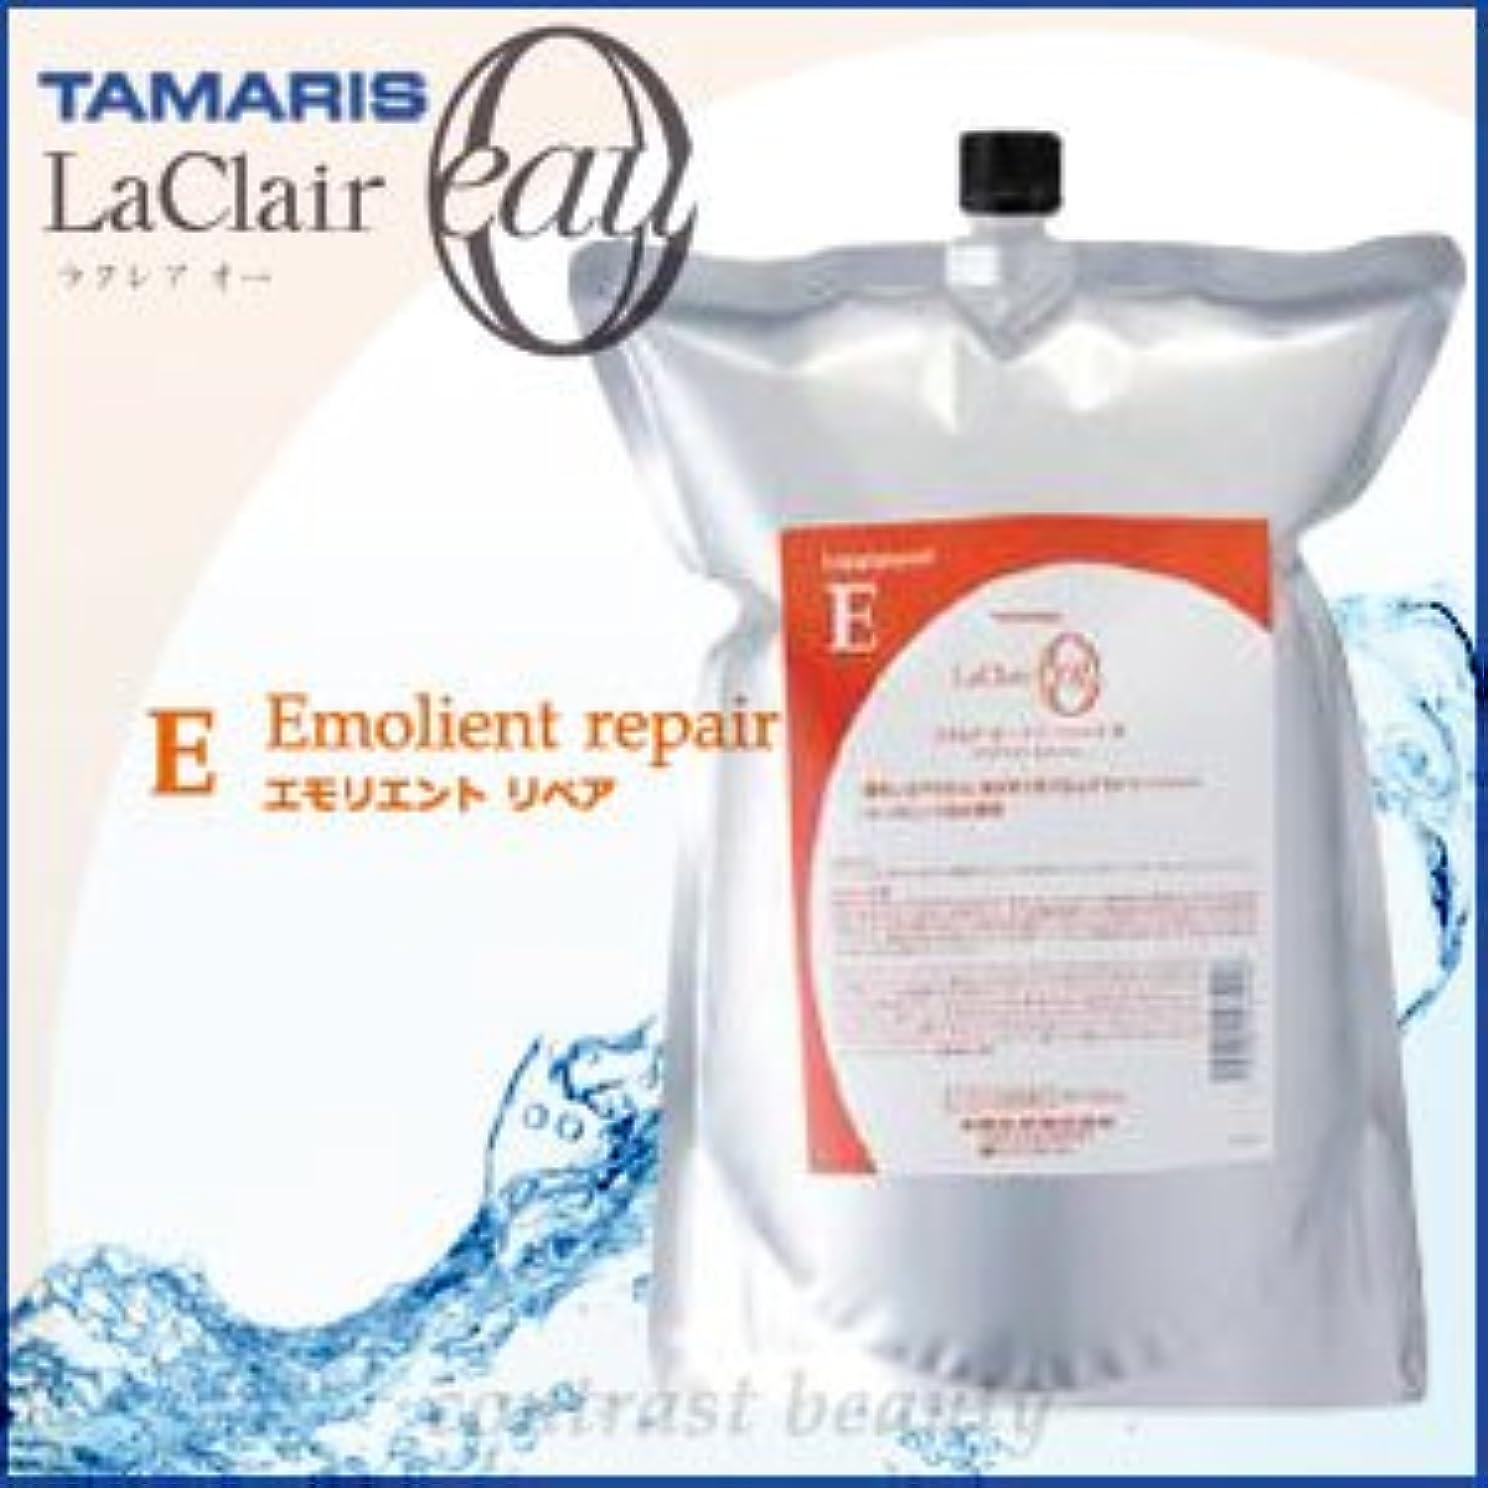 一月現代の制約【X5個セット】 タマリス ラクレアオー エモリエントリペア トリートメントE 2000g(業務用詰替レフィルタイプ) TAMARIS La Clair eau